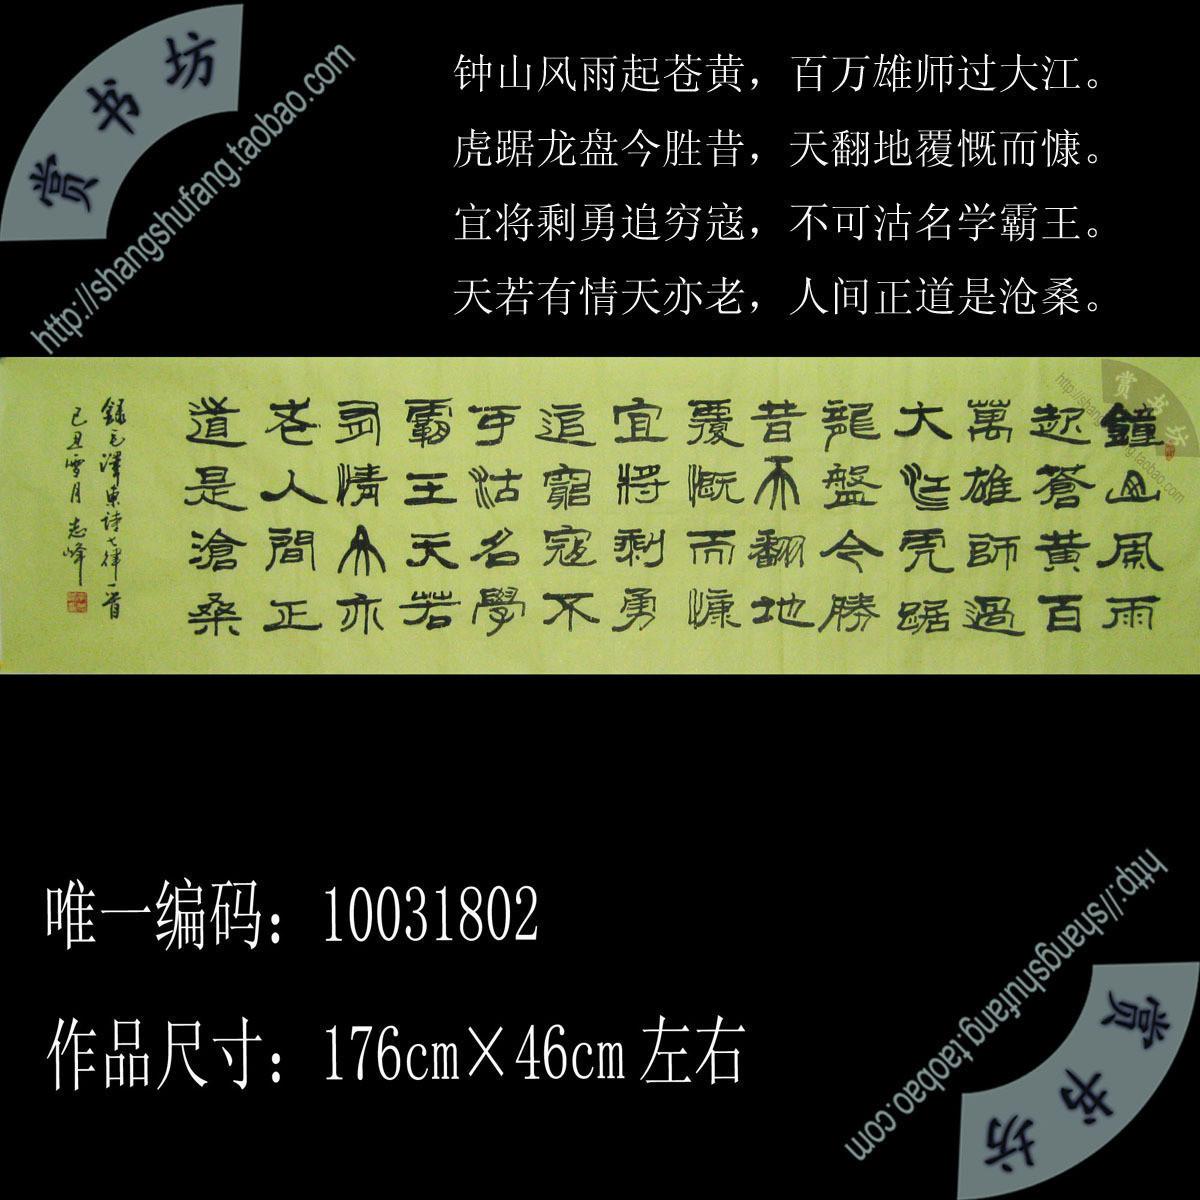 礼品字画手写原稿钟山风雨起苍黄志峰书法作品真迹特价名人隶书画